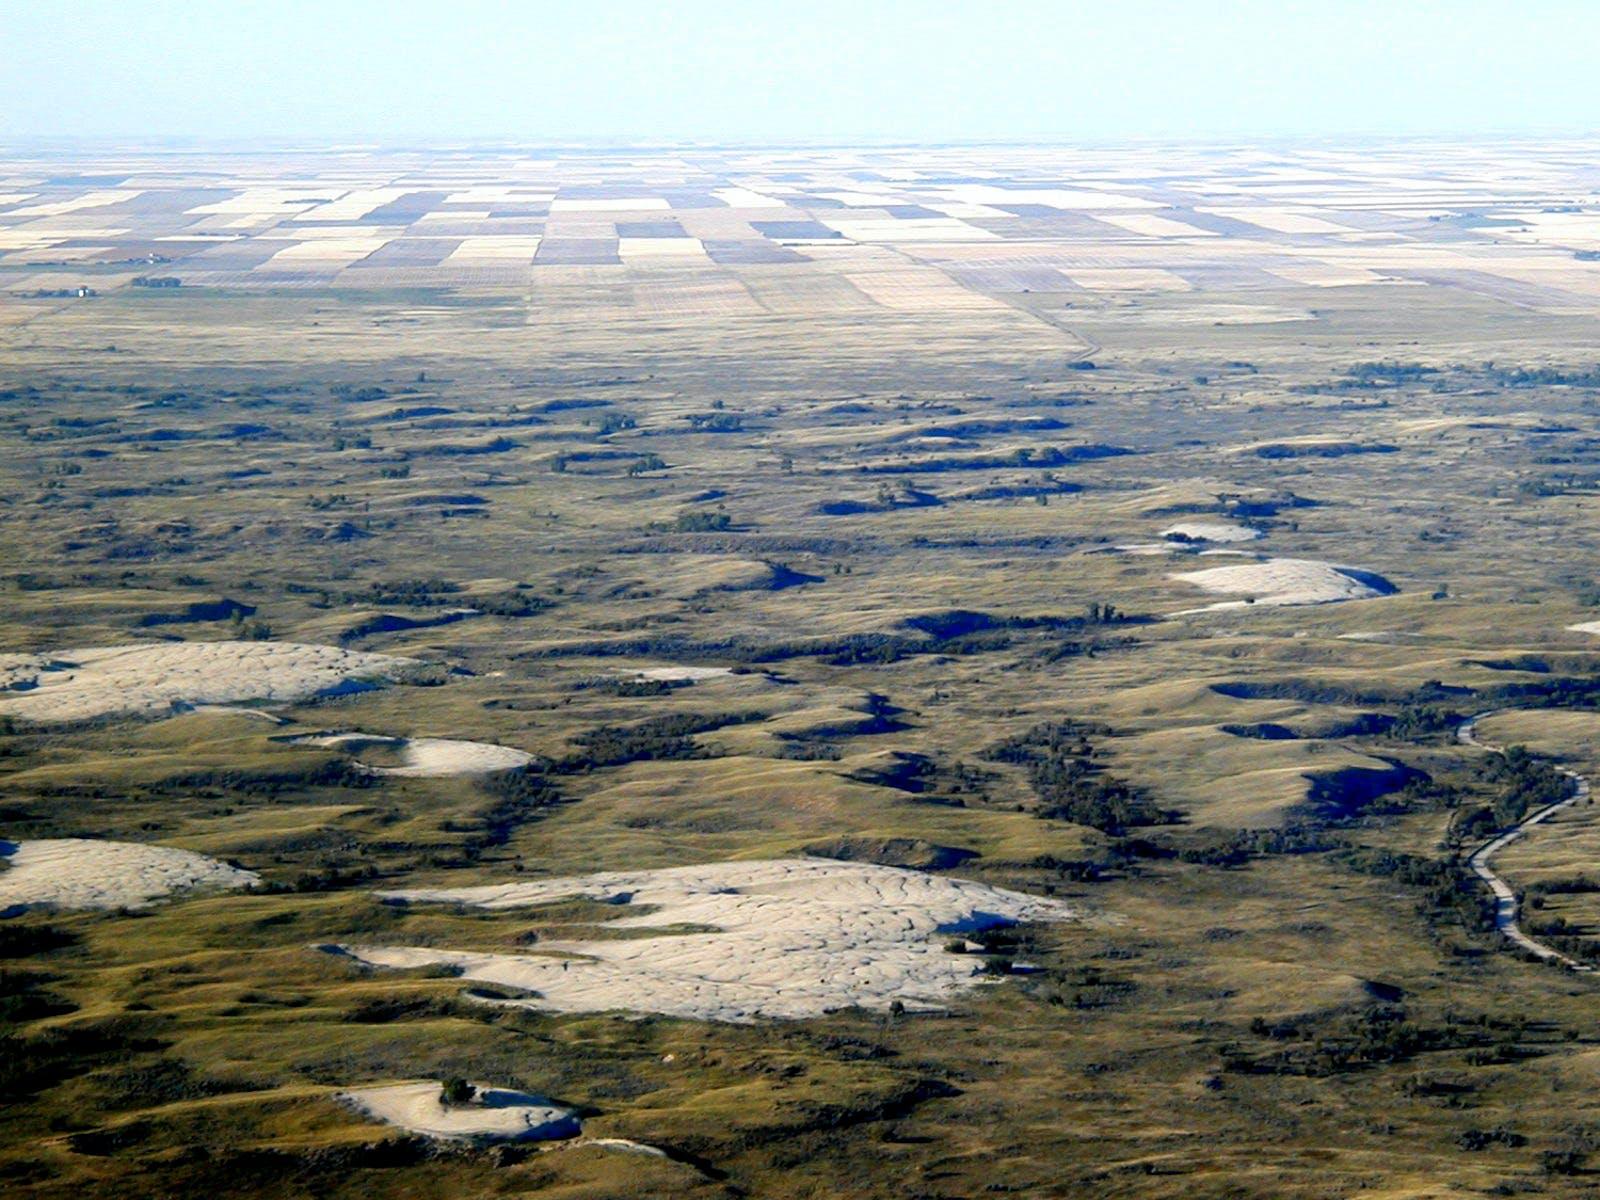 Nebraska Sand Hills Mixed Grasslands